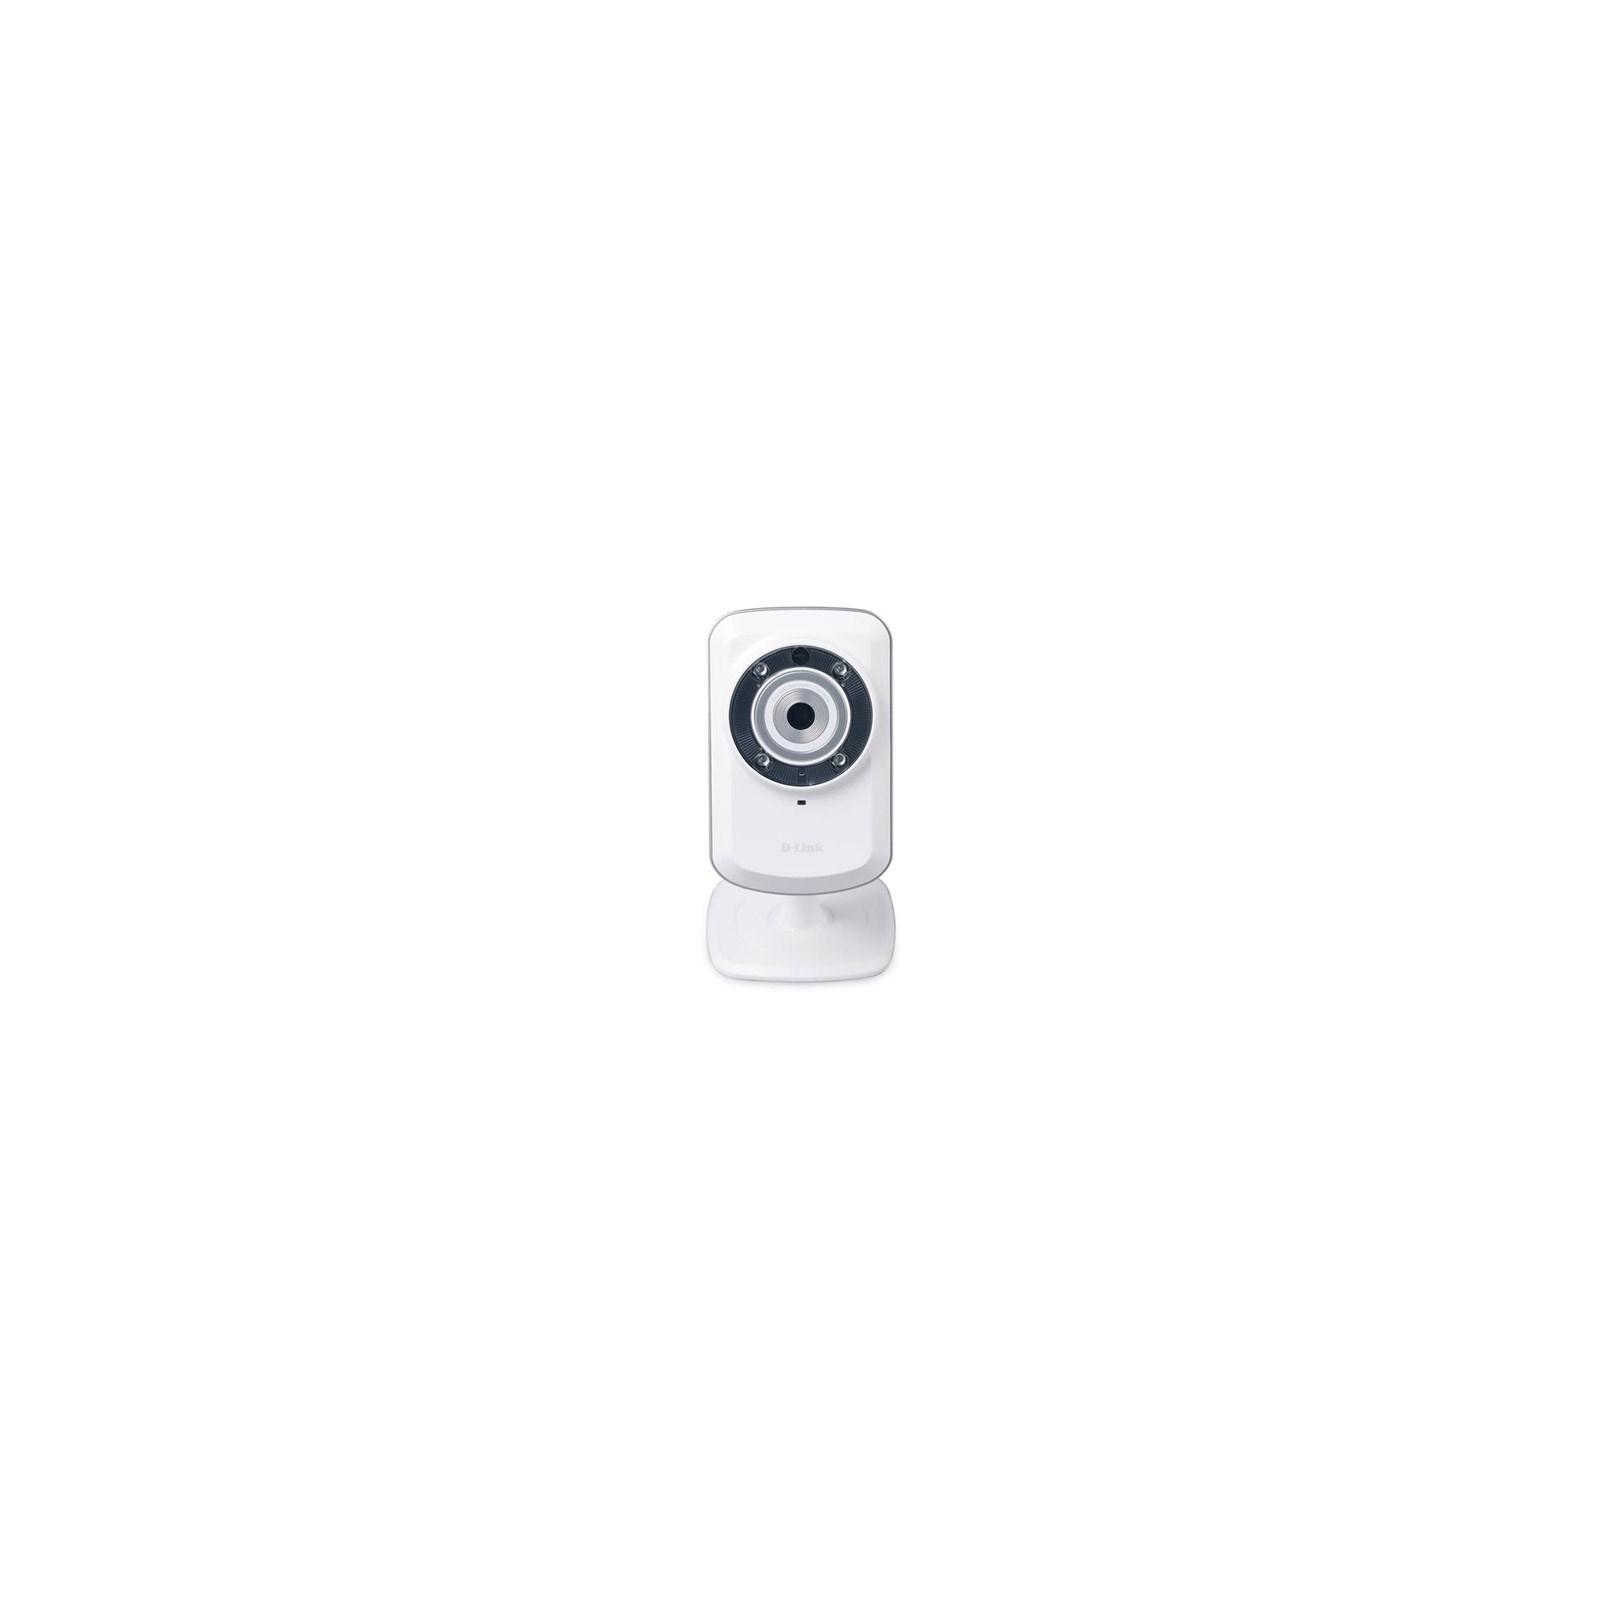 Сетевая камера D-Link DCS-932L